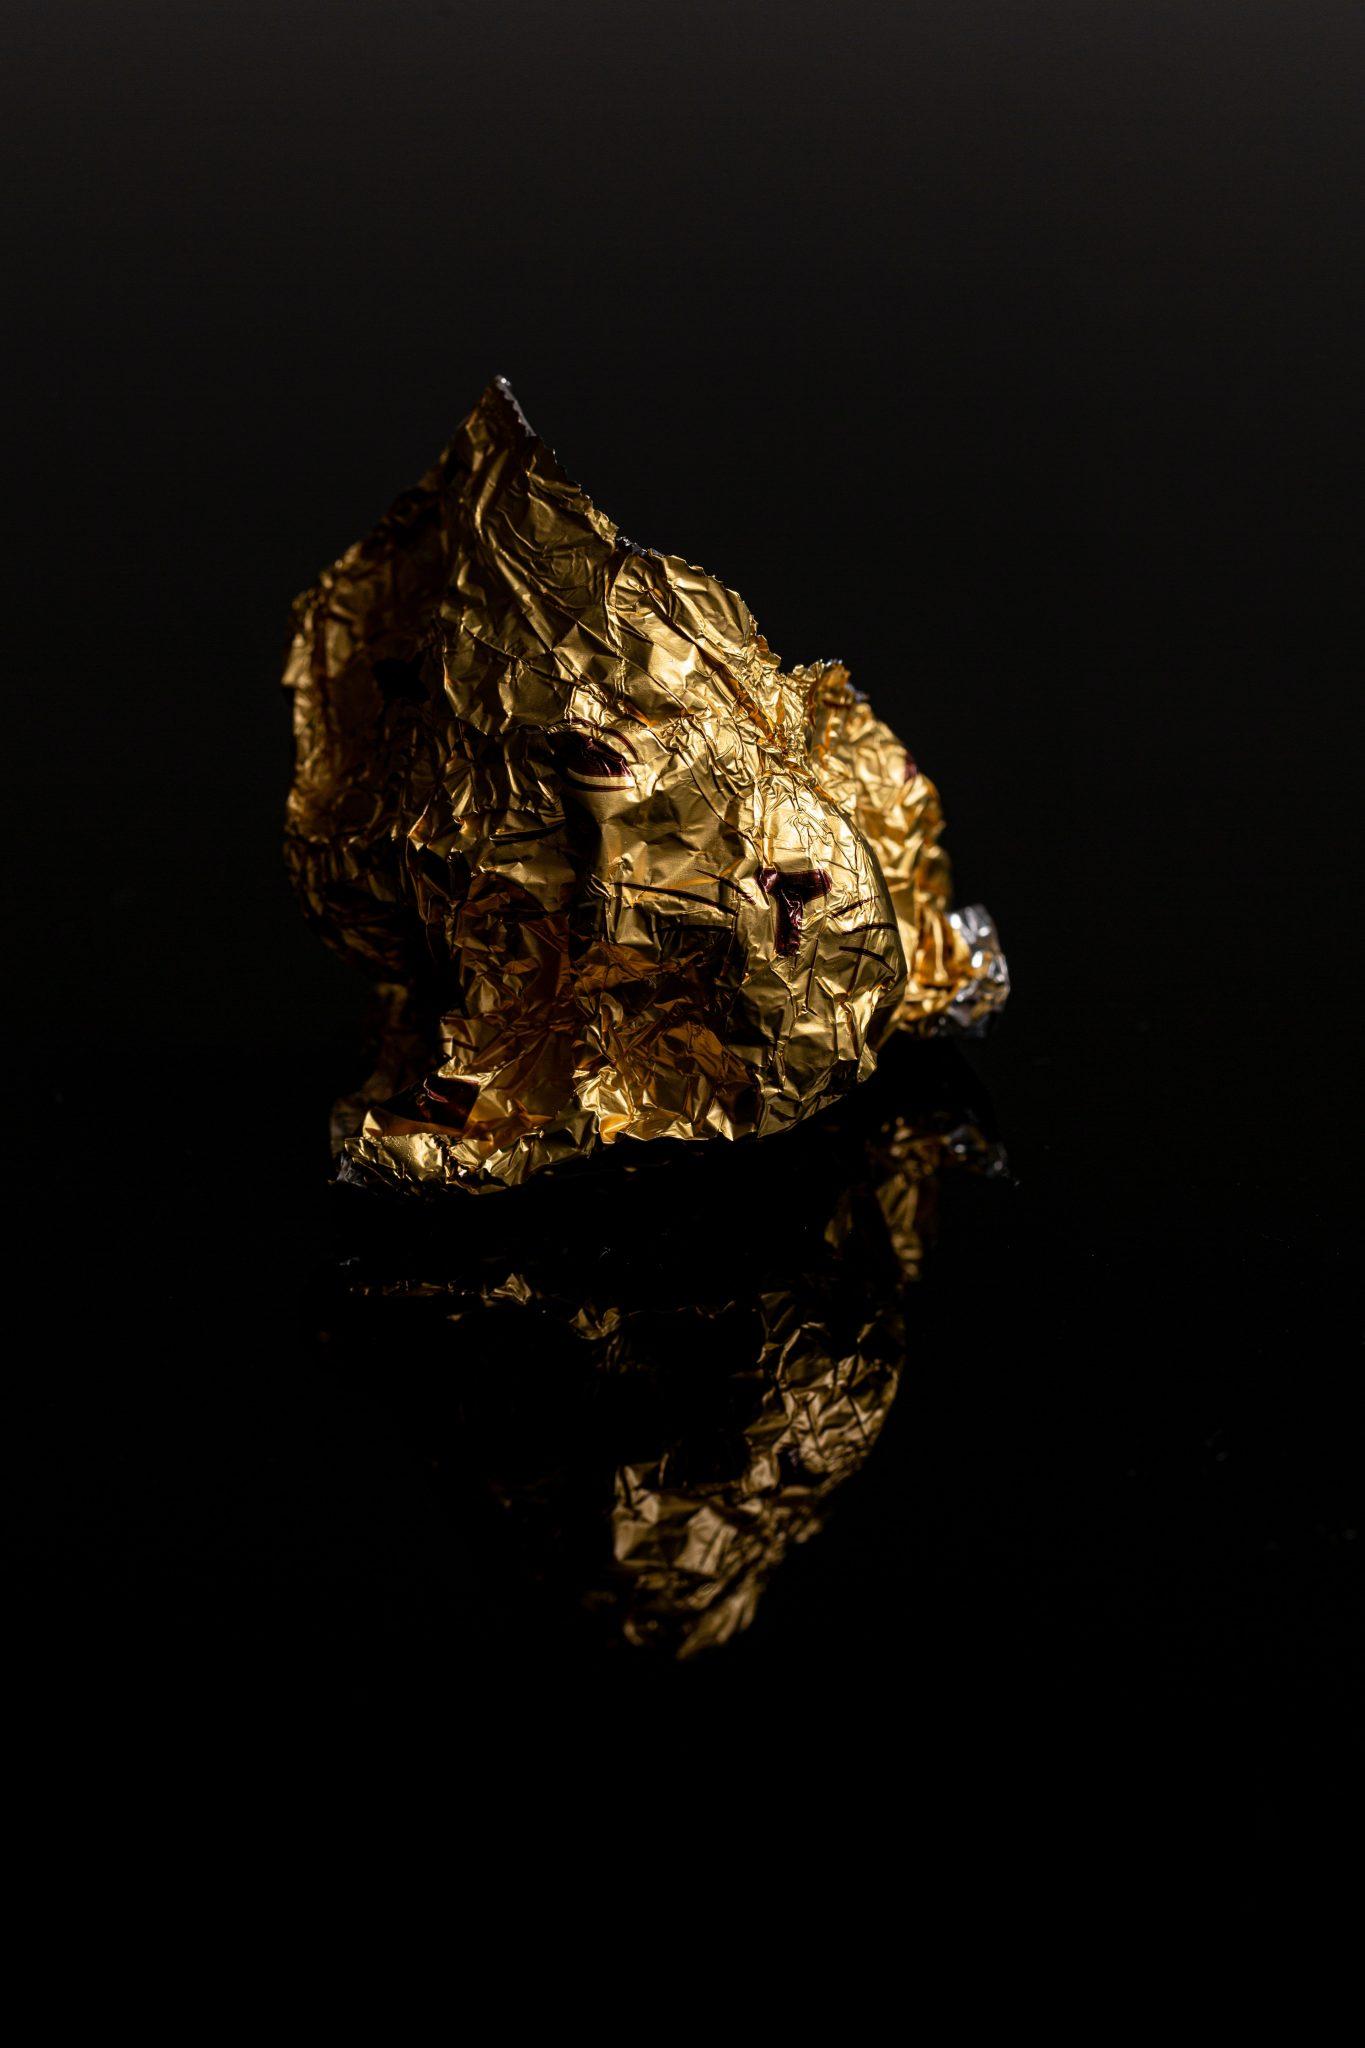 Top 3 Alternatives for Barchart Precious Metals Rates